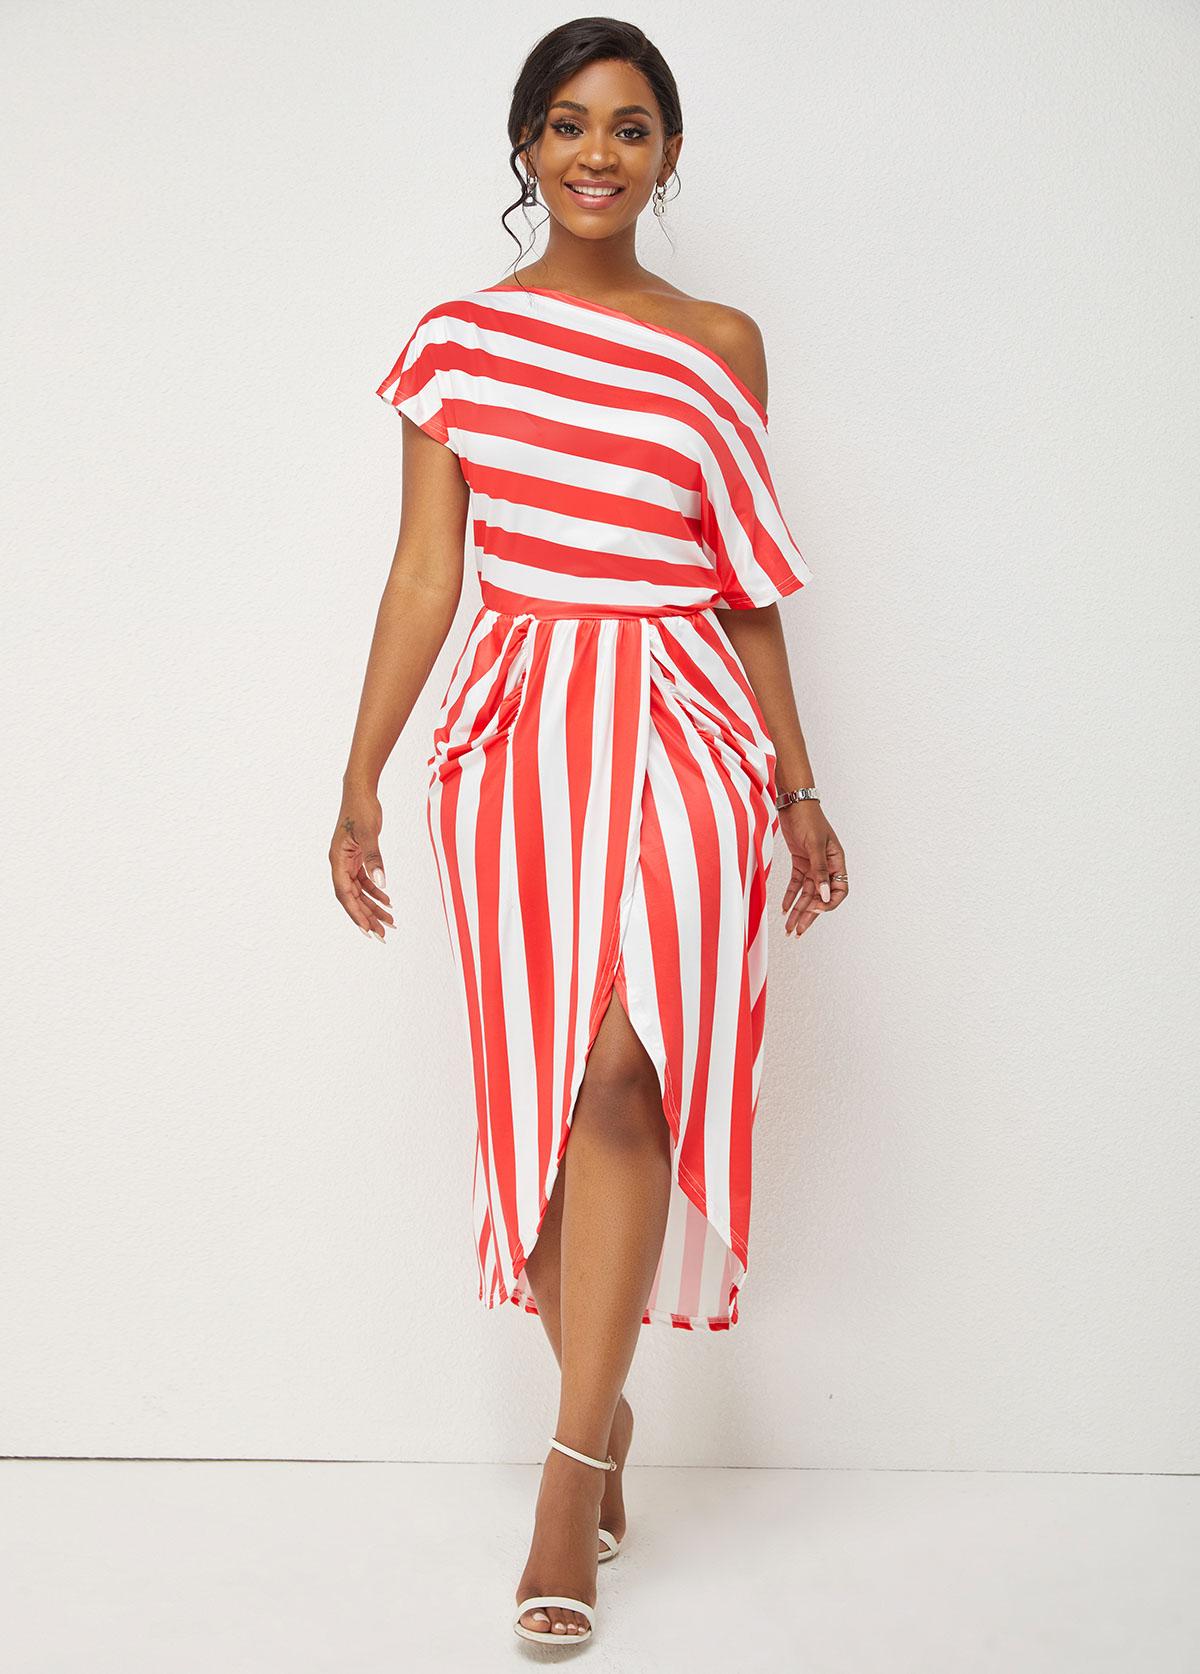 Striped Print One Shoulder Skew Neck Dress